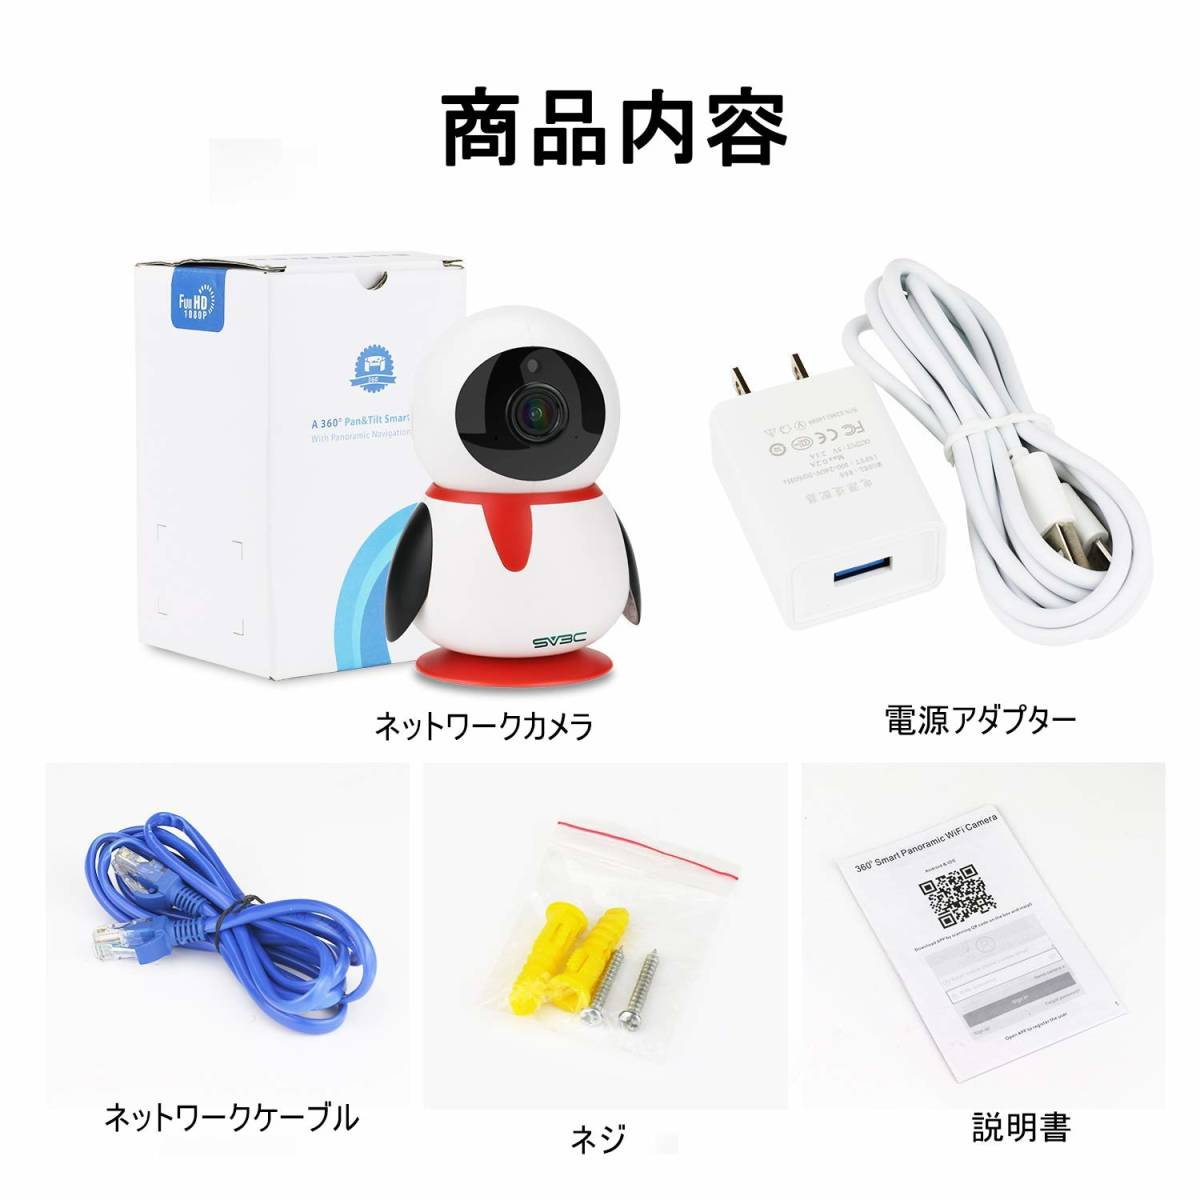 【新品未使用】ネットワークカメラ WiFi 1080P 200万画素 監視カメラ ipカメラ ベビーモニター 双方向音声 暗視機能 録画可能 技適認証済み_画像8